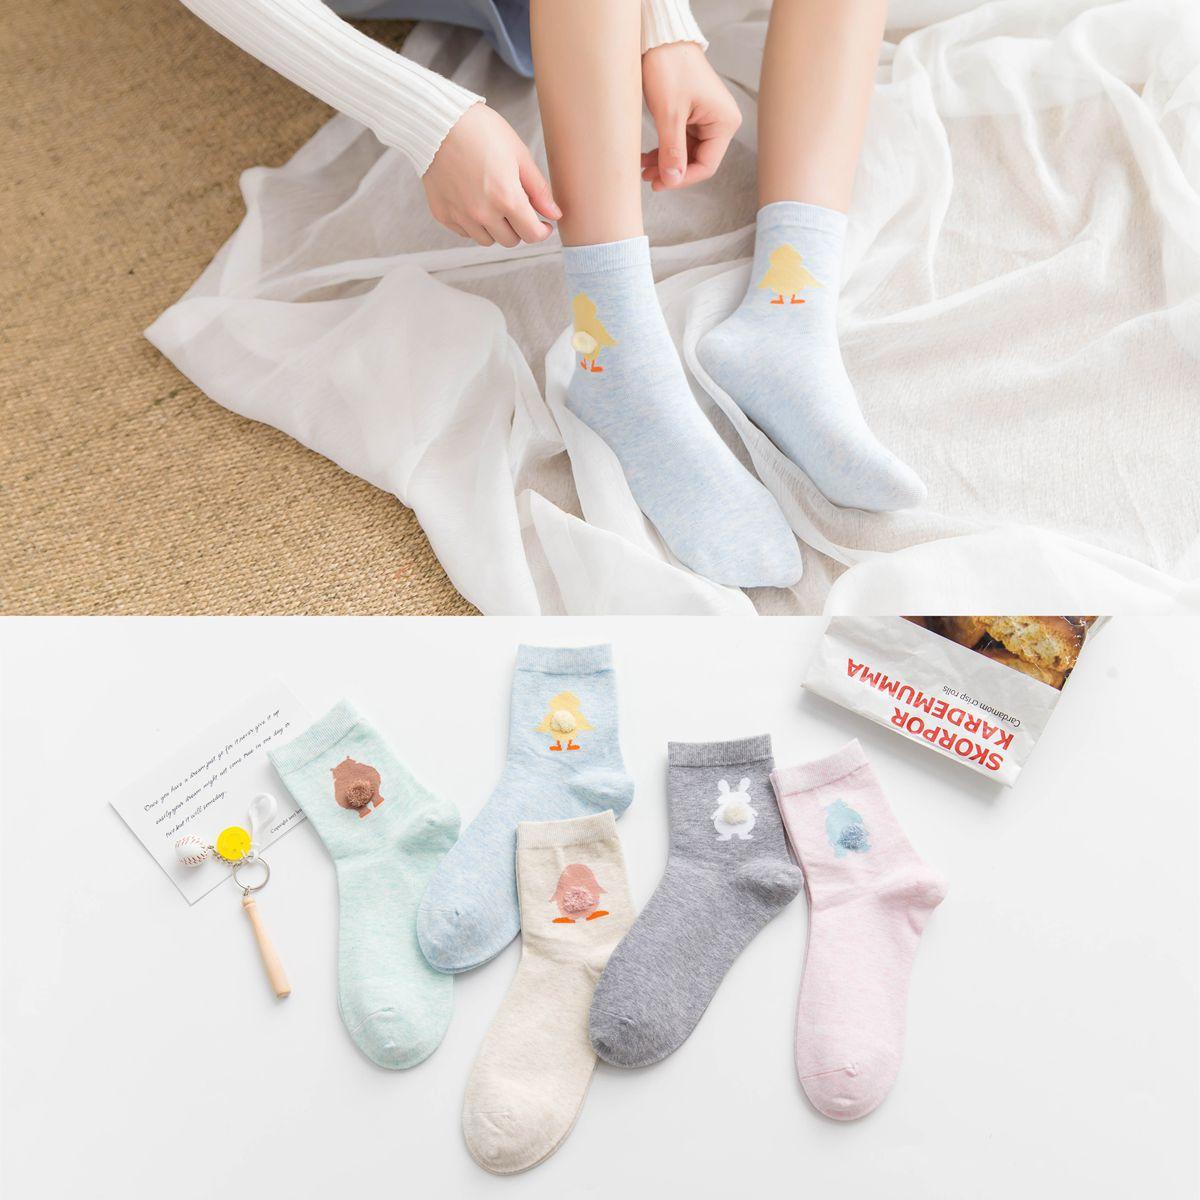 Calcetines de algodón bonitos de dibujos animados tridimensionales calcetines japoneses señora tubo calcetines Otoño e Invierno nuevos fabricantes de algodón al por mayor